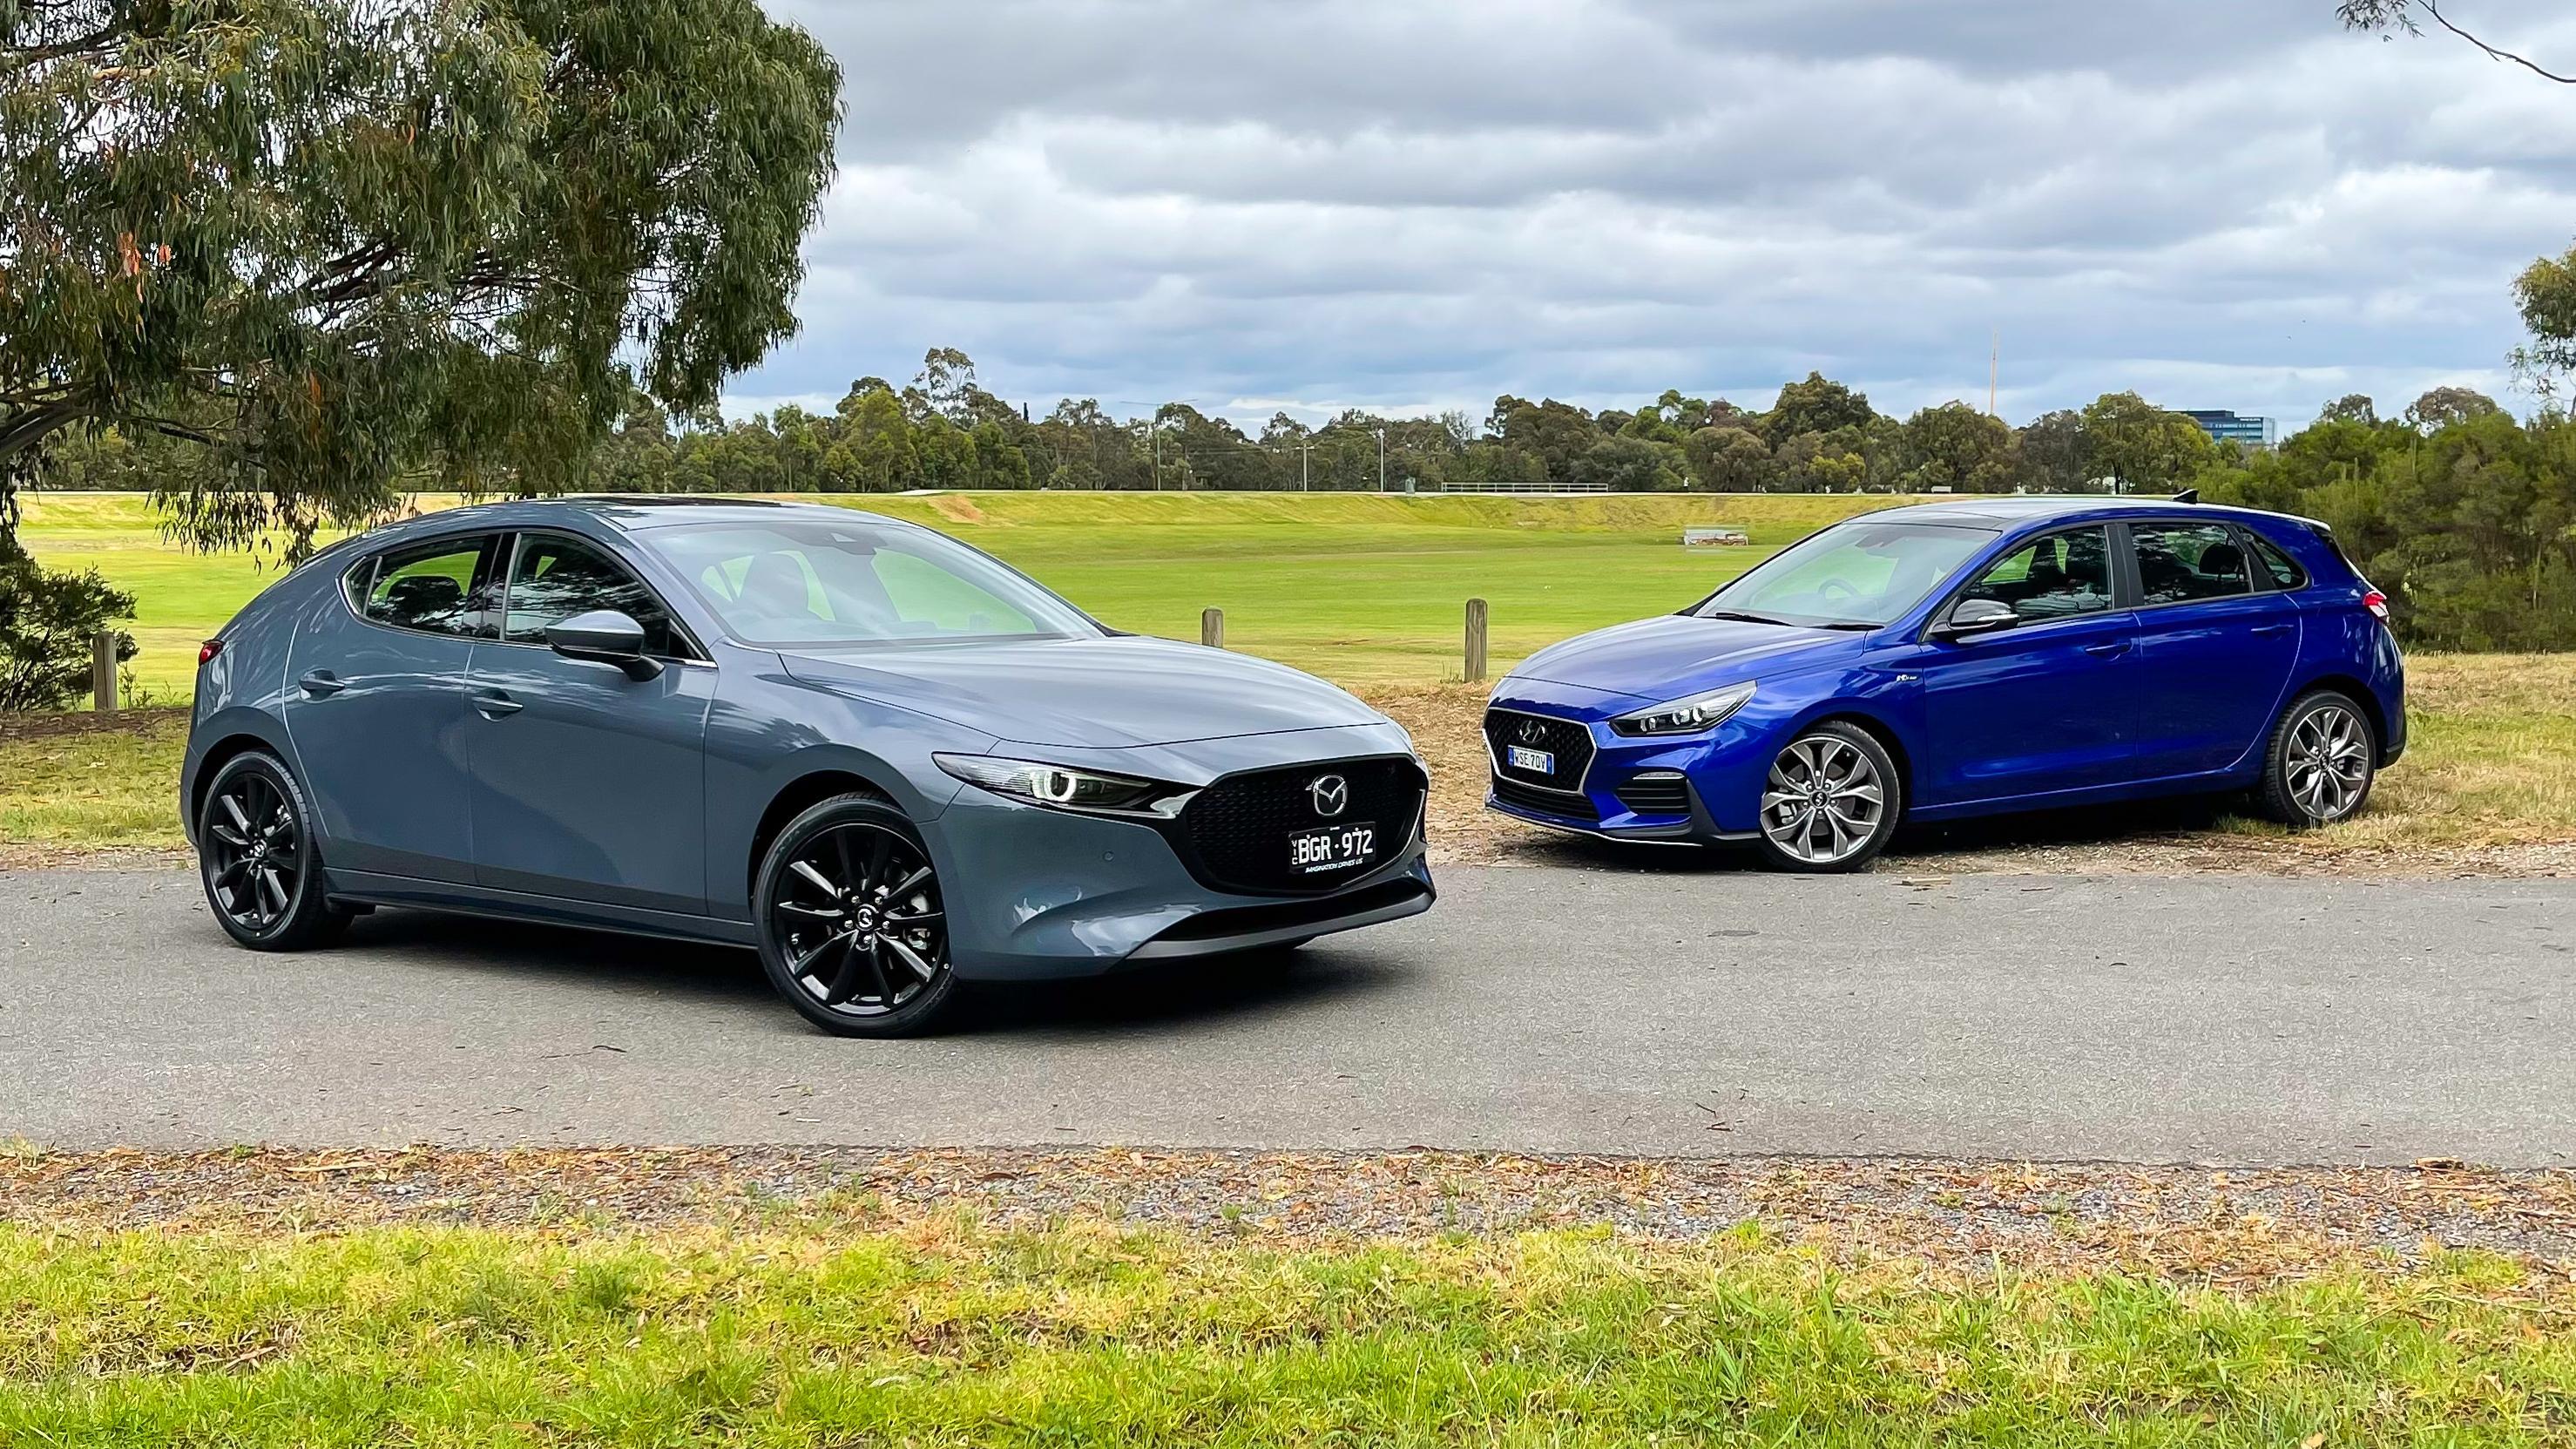 2021 Hyundai i30 N Line Premium v Mazda 3 G25 Astina comparison